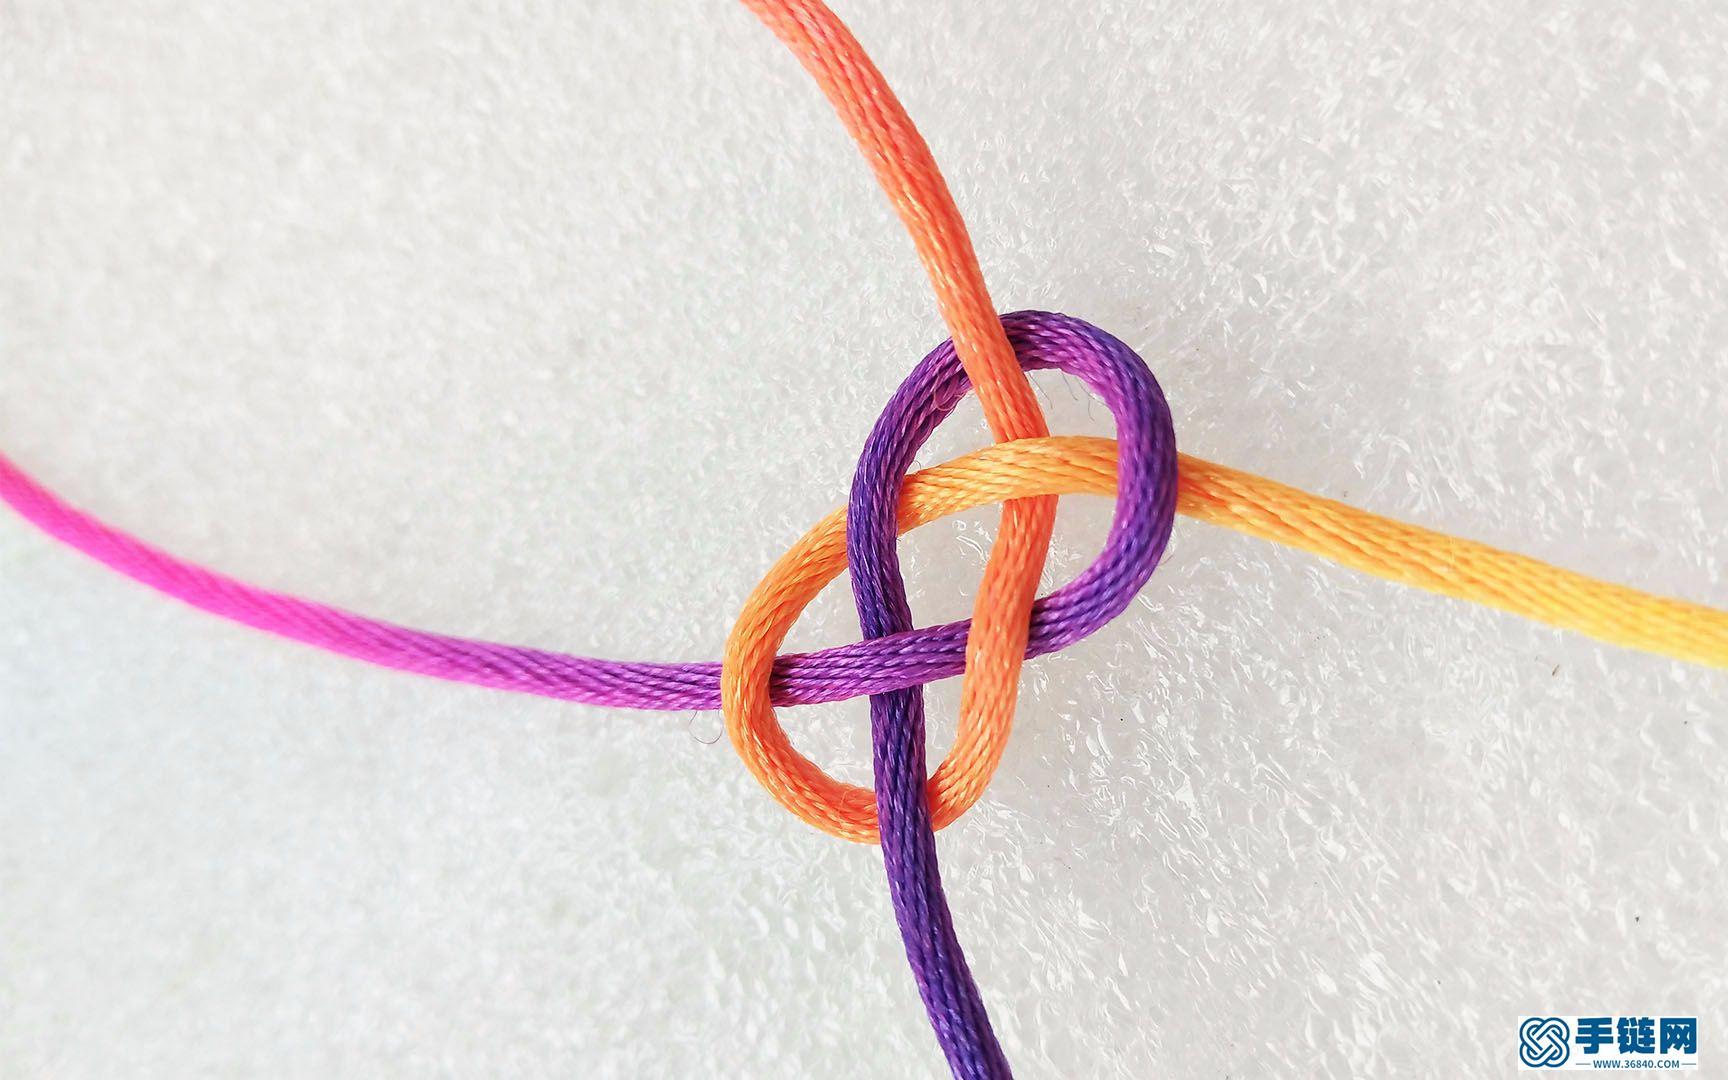 30秒,让你轻松学会双钱结的红绳编织技巧